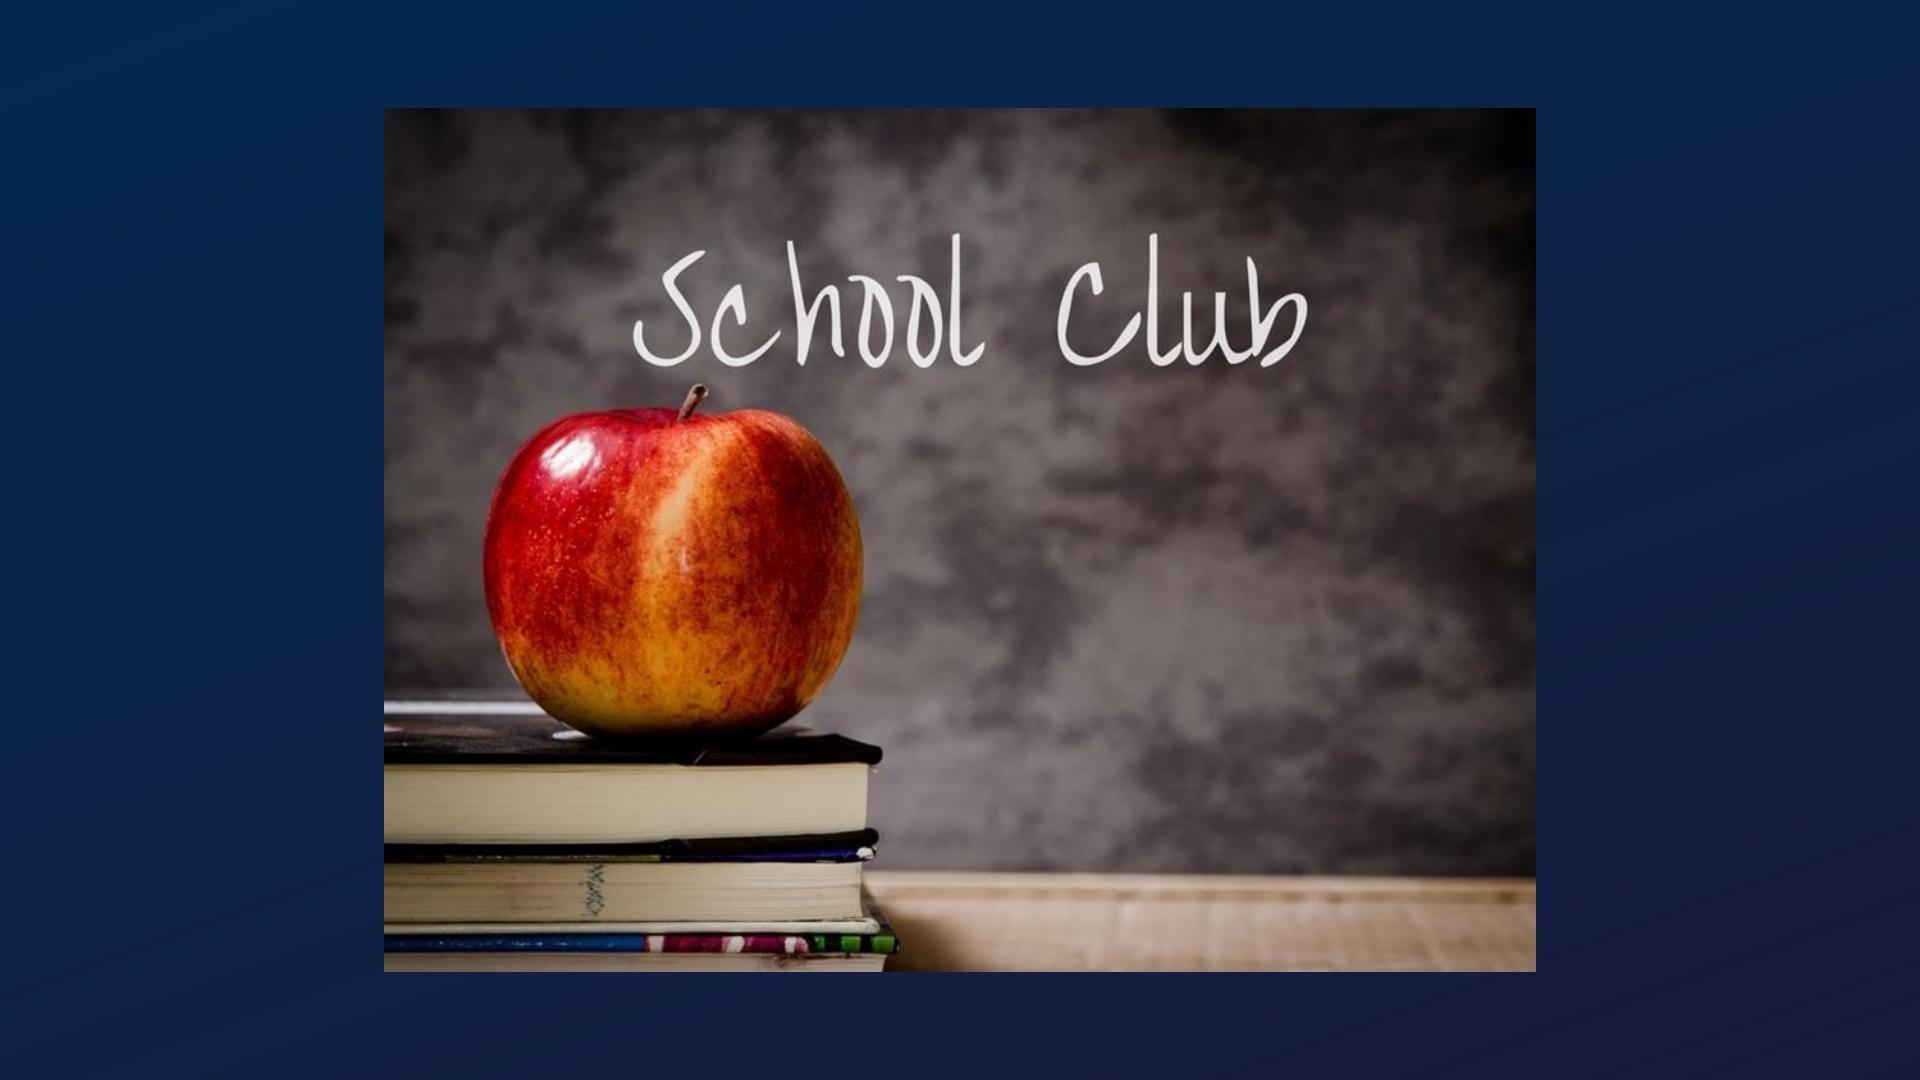 School Club logo